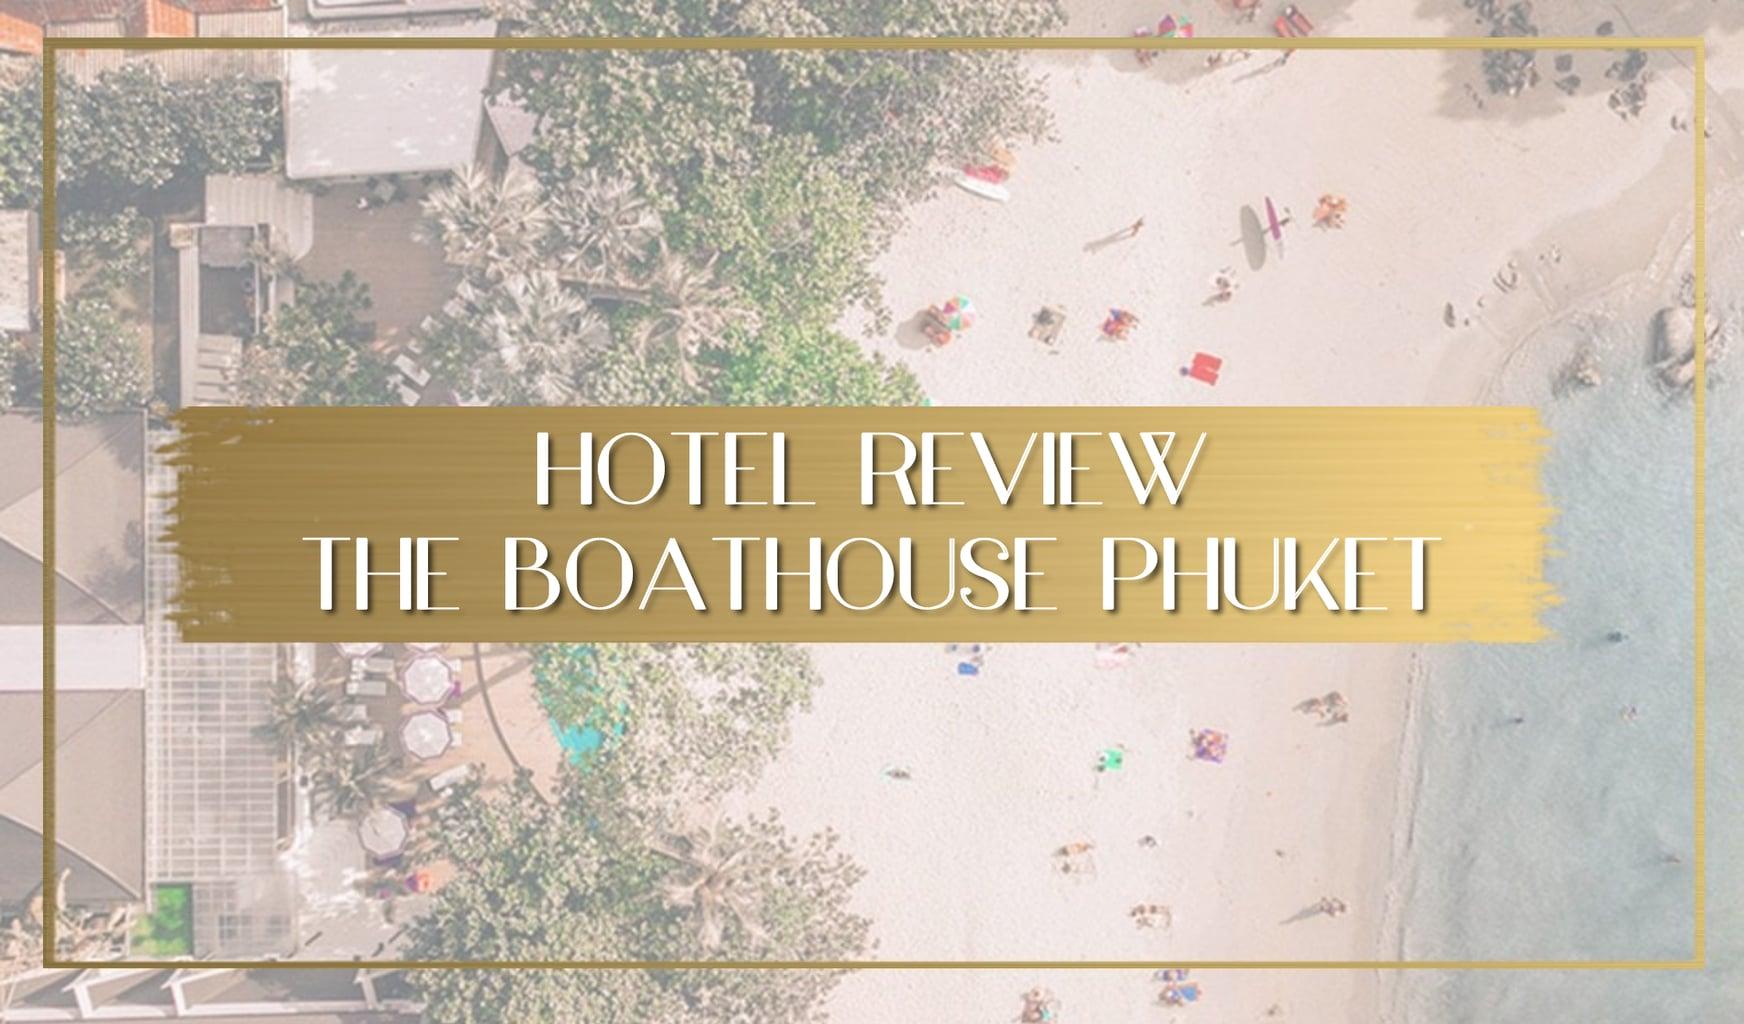 Review of the Boathouse Phuket image